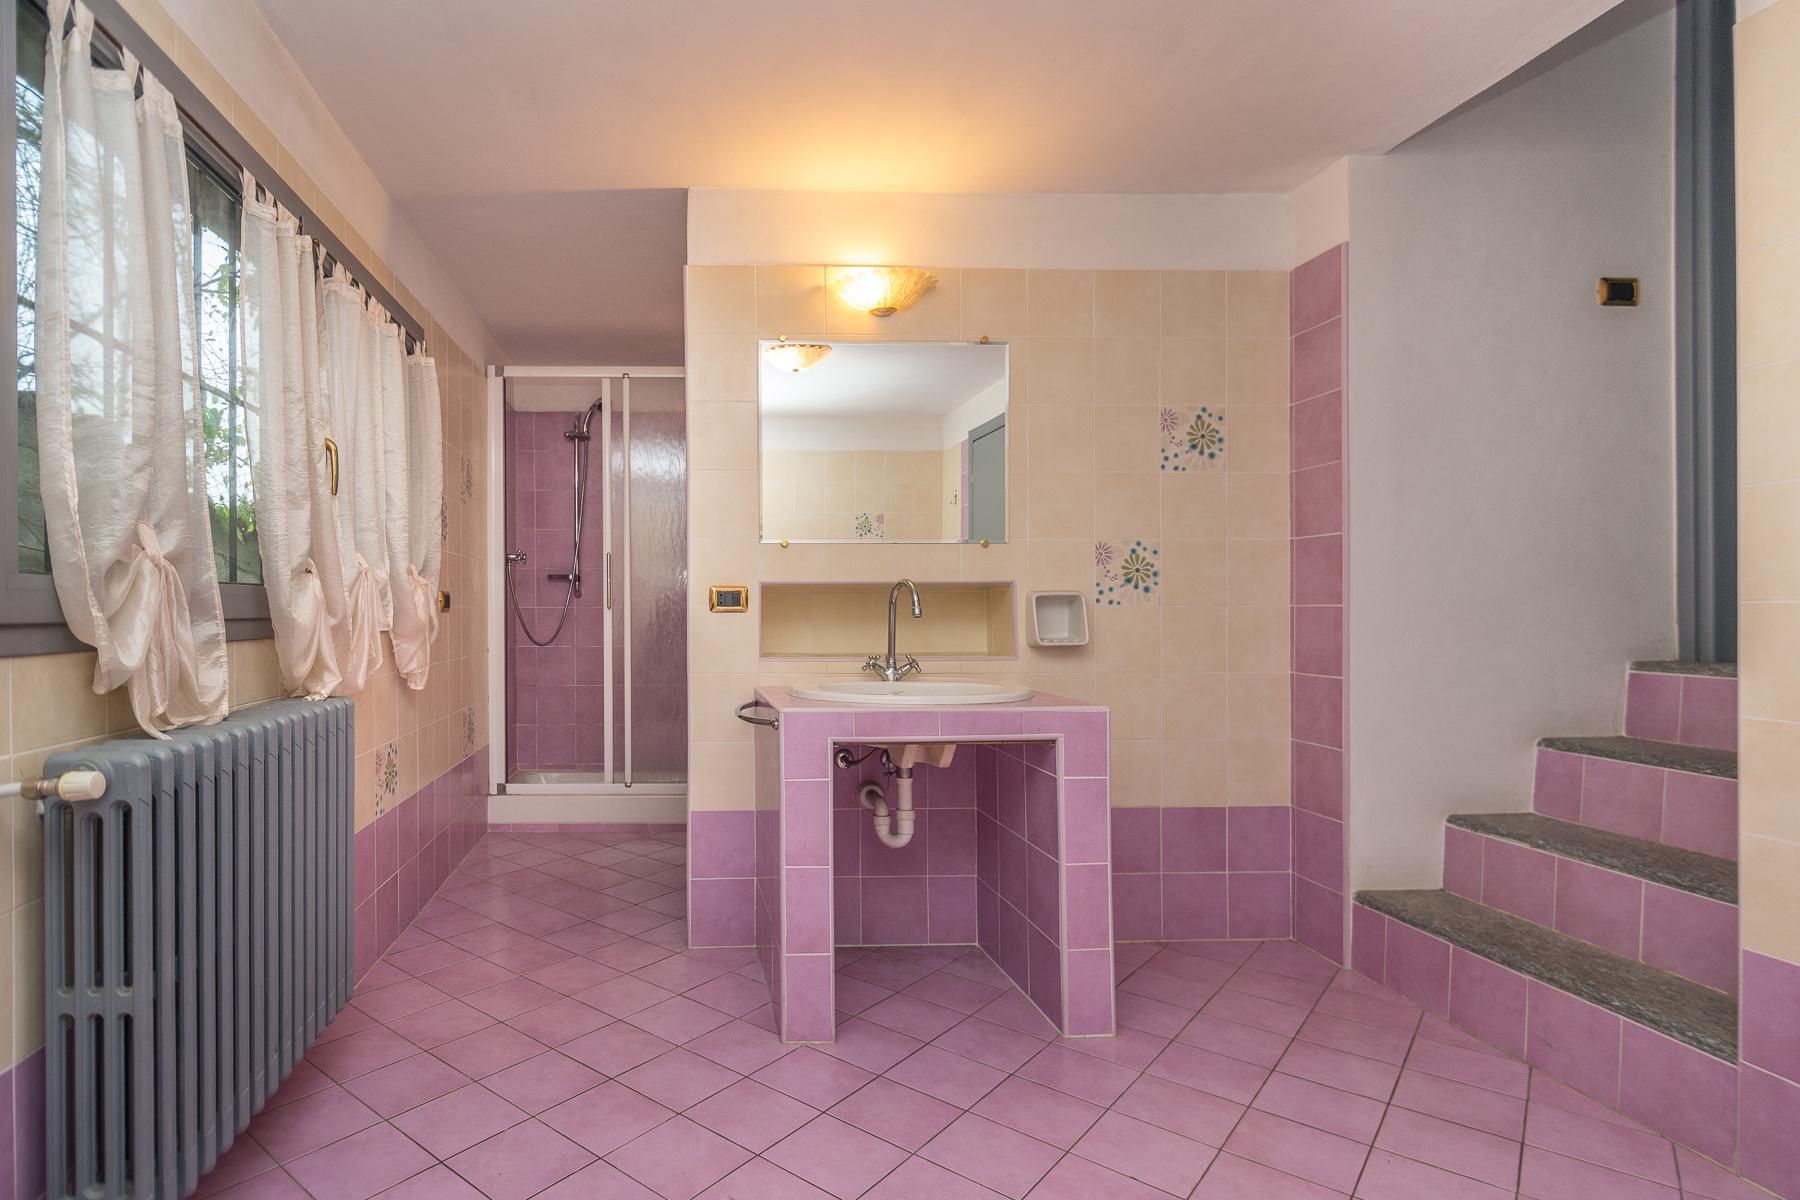 Villa in Vendita a Leggiuno: 5 locali, 350 mq - Foto 20